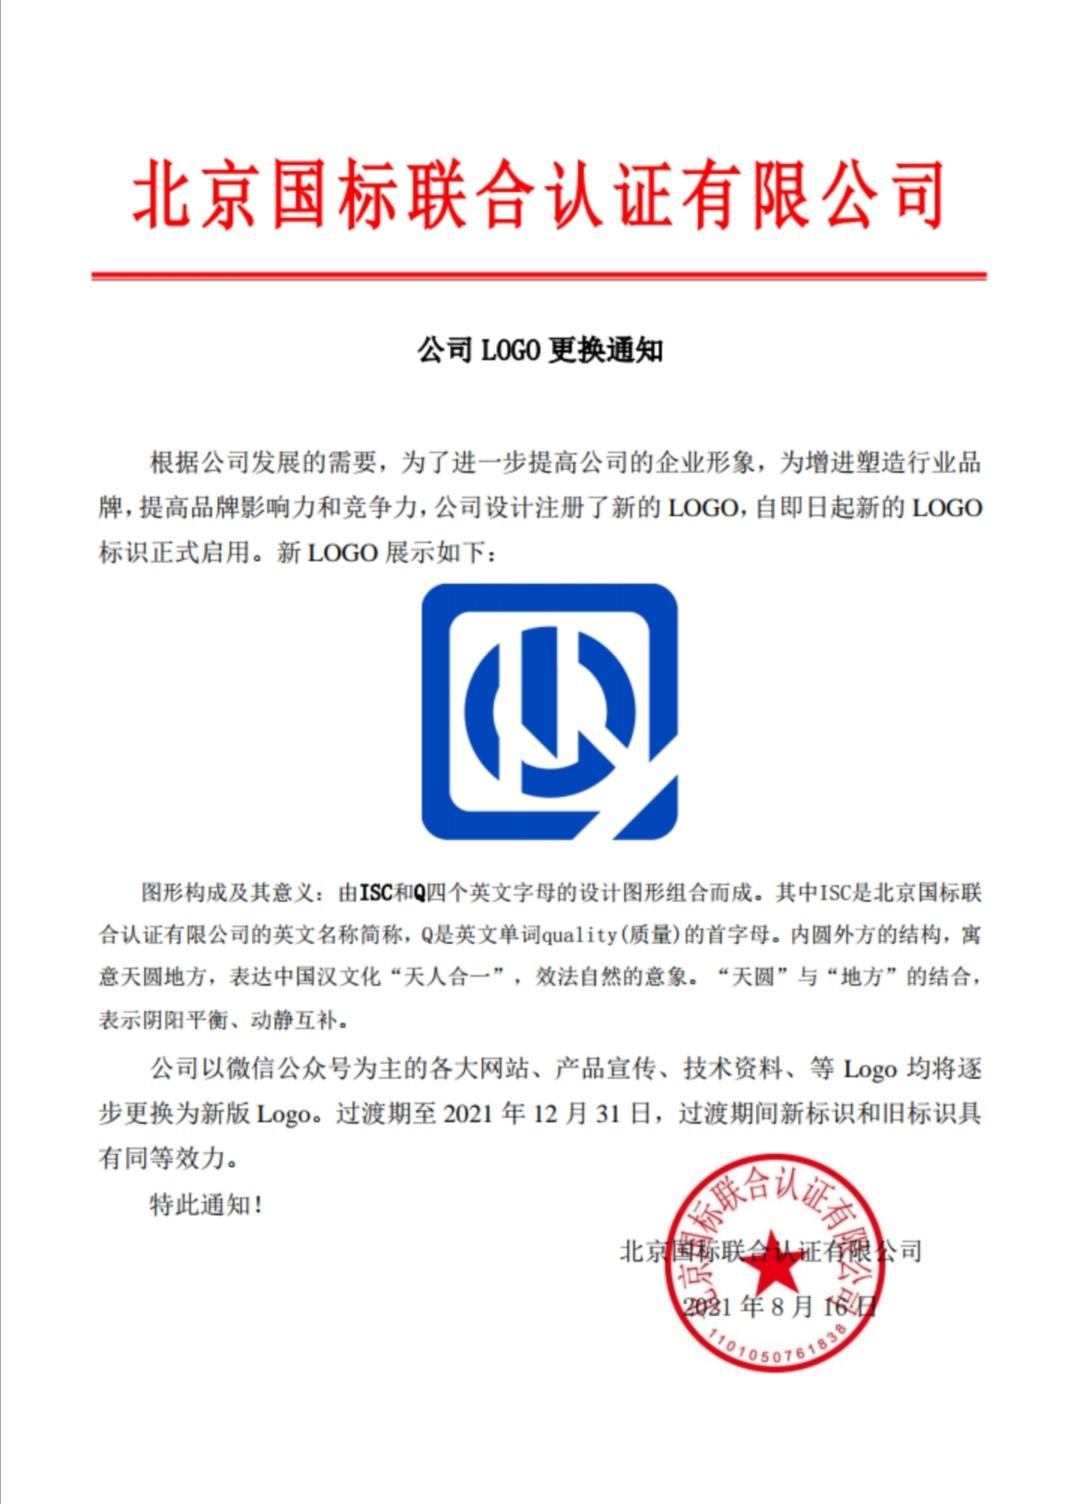 关于北京国标联合认证有限公司管理体系认证证书LOGO变更的通知